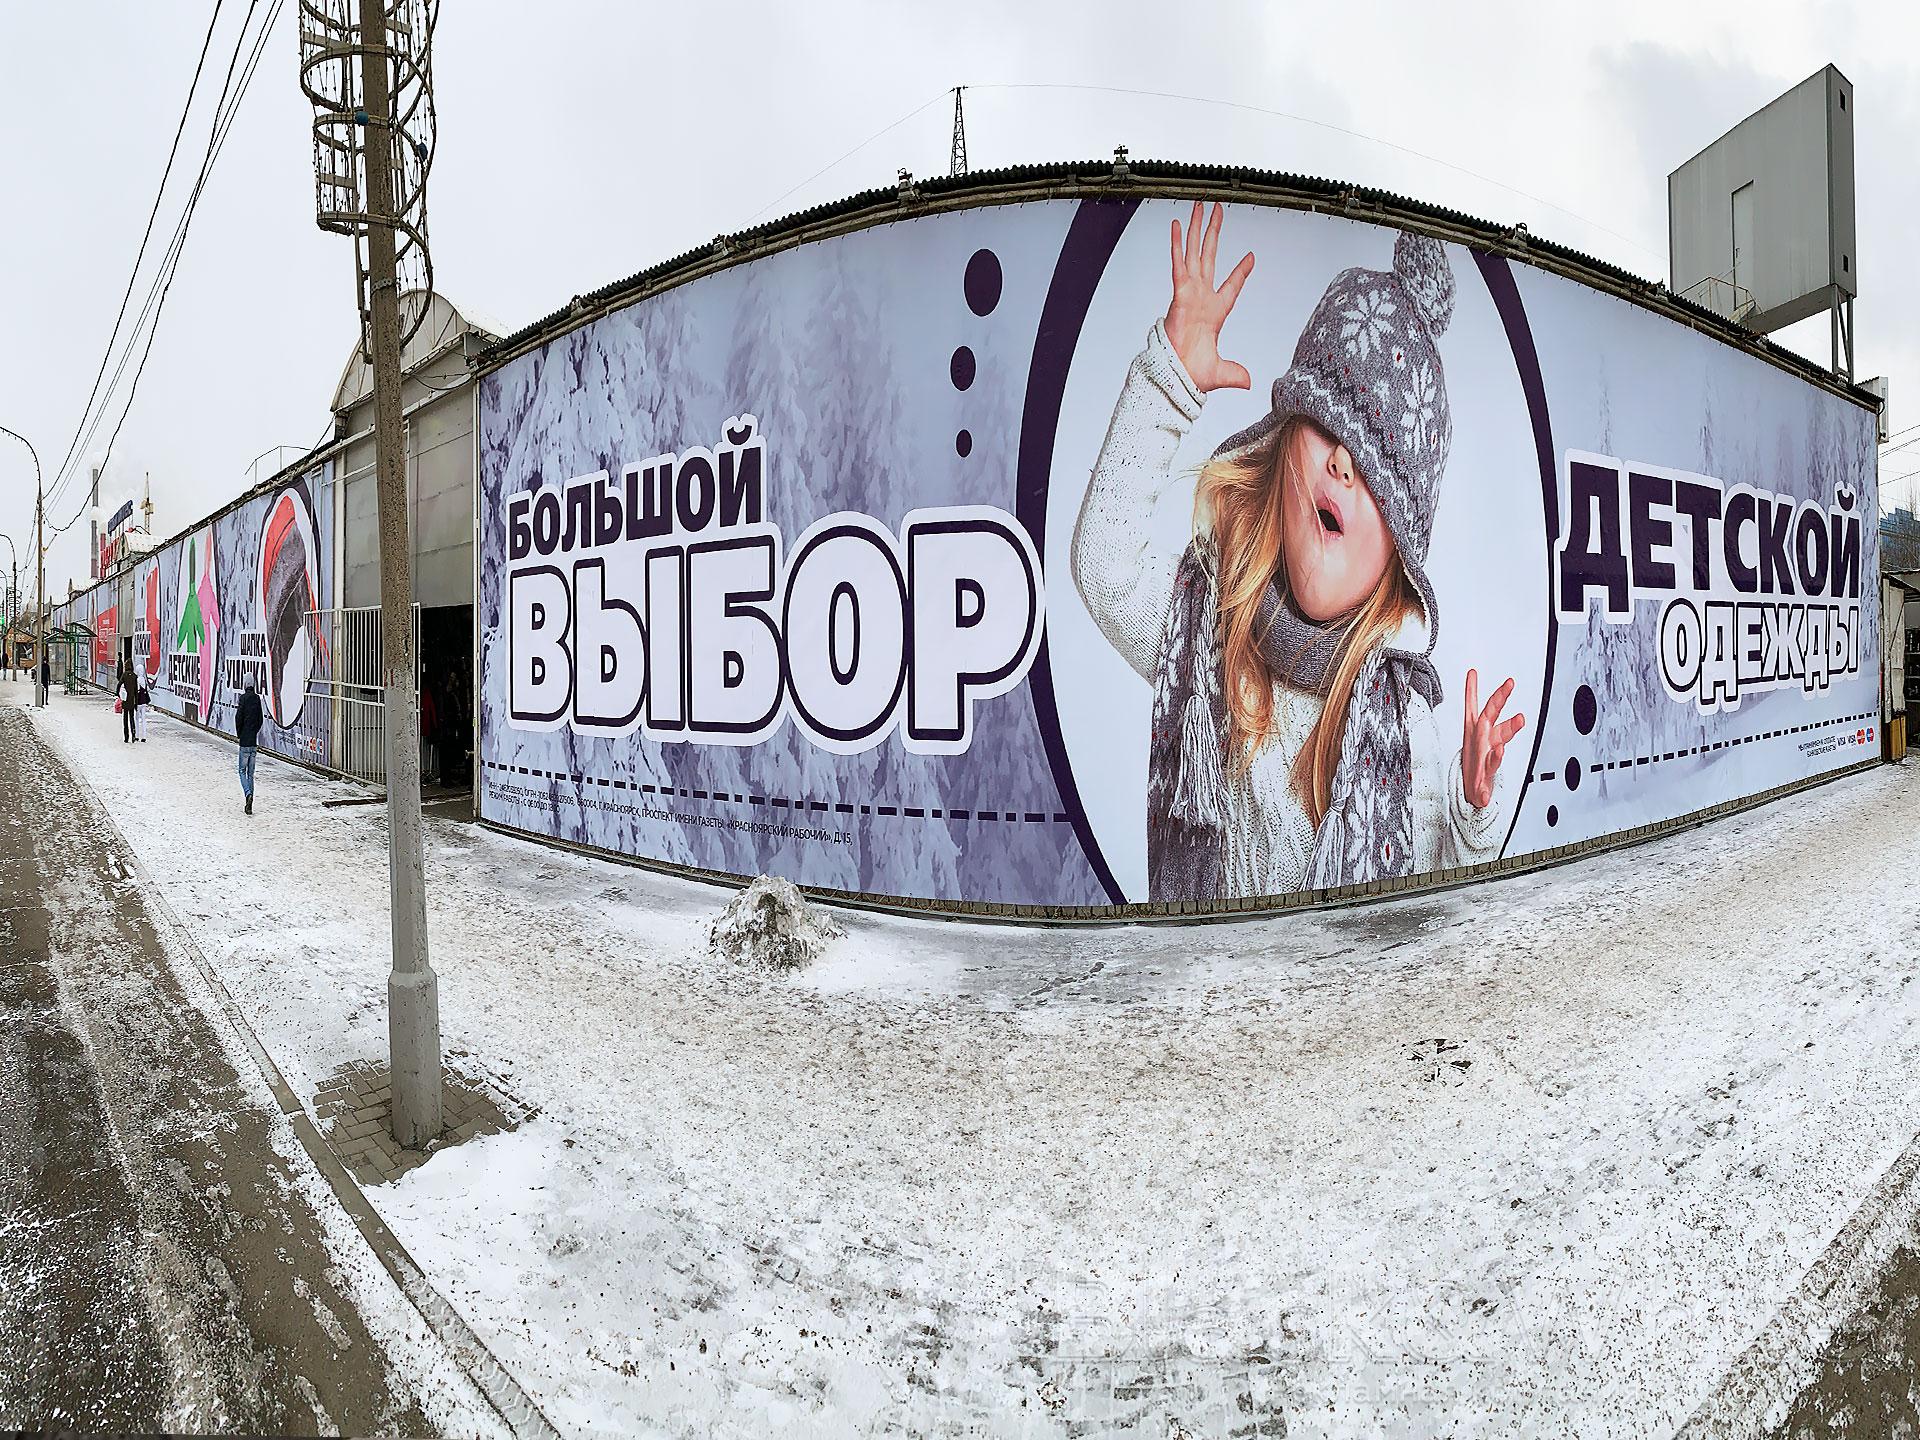 Печать-на-баннере-в-Красноярске-содружество...jpg